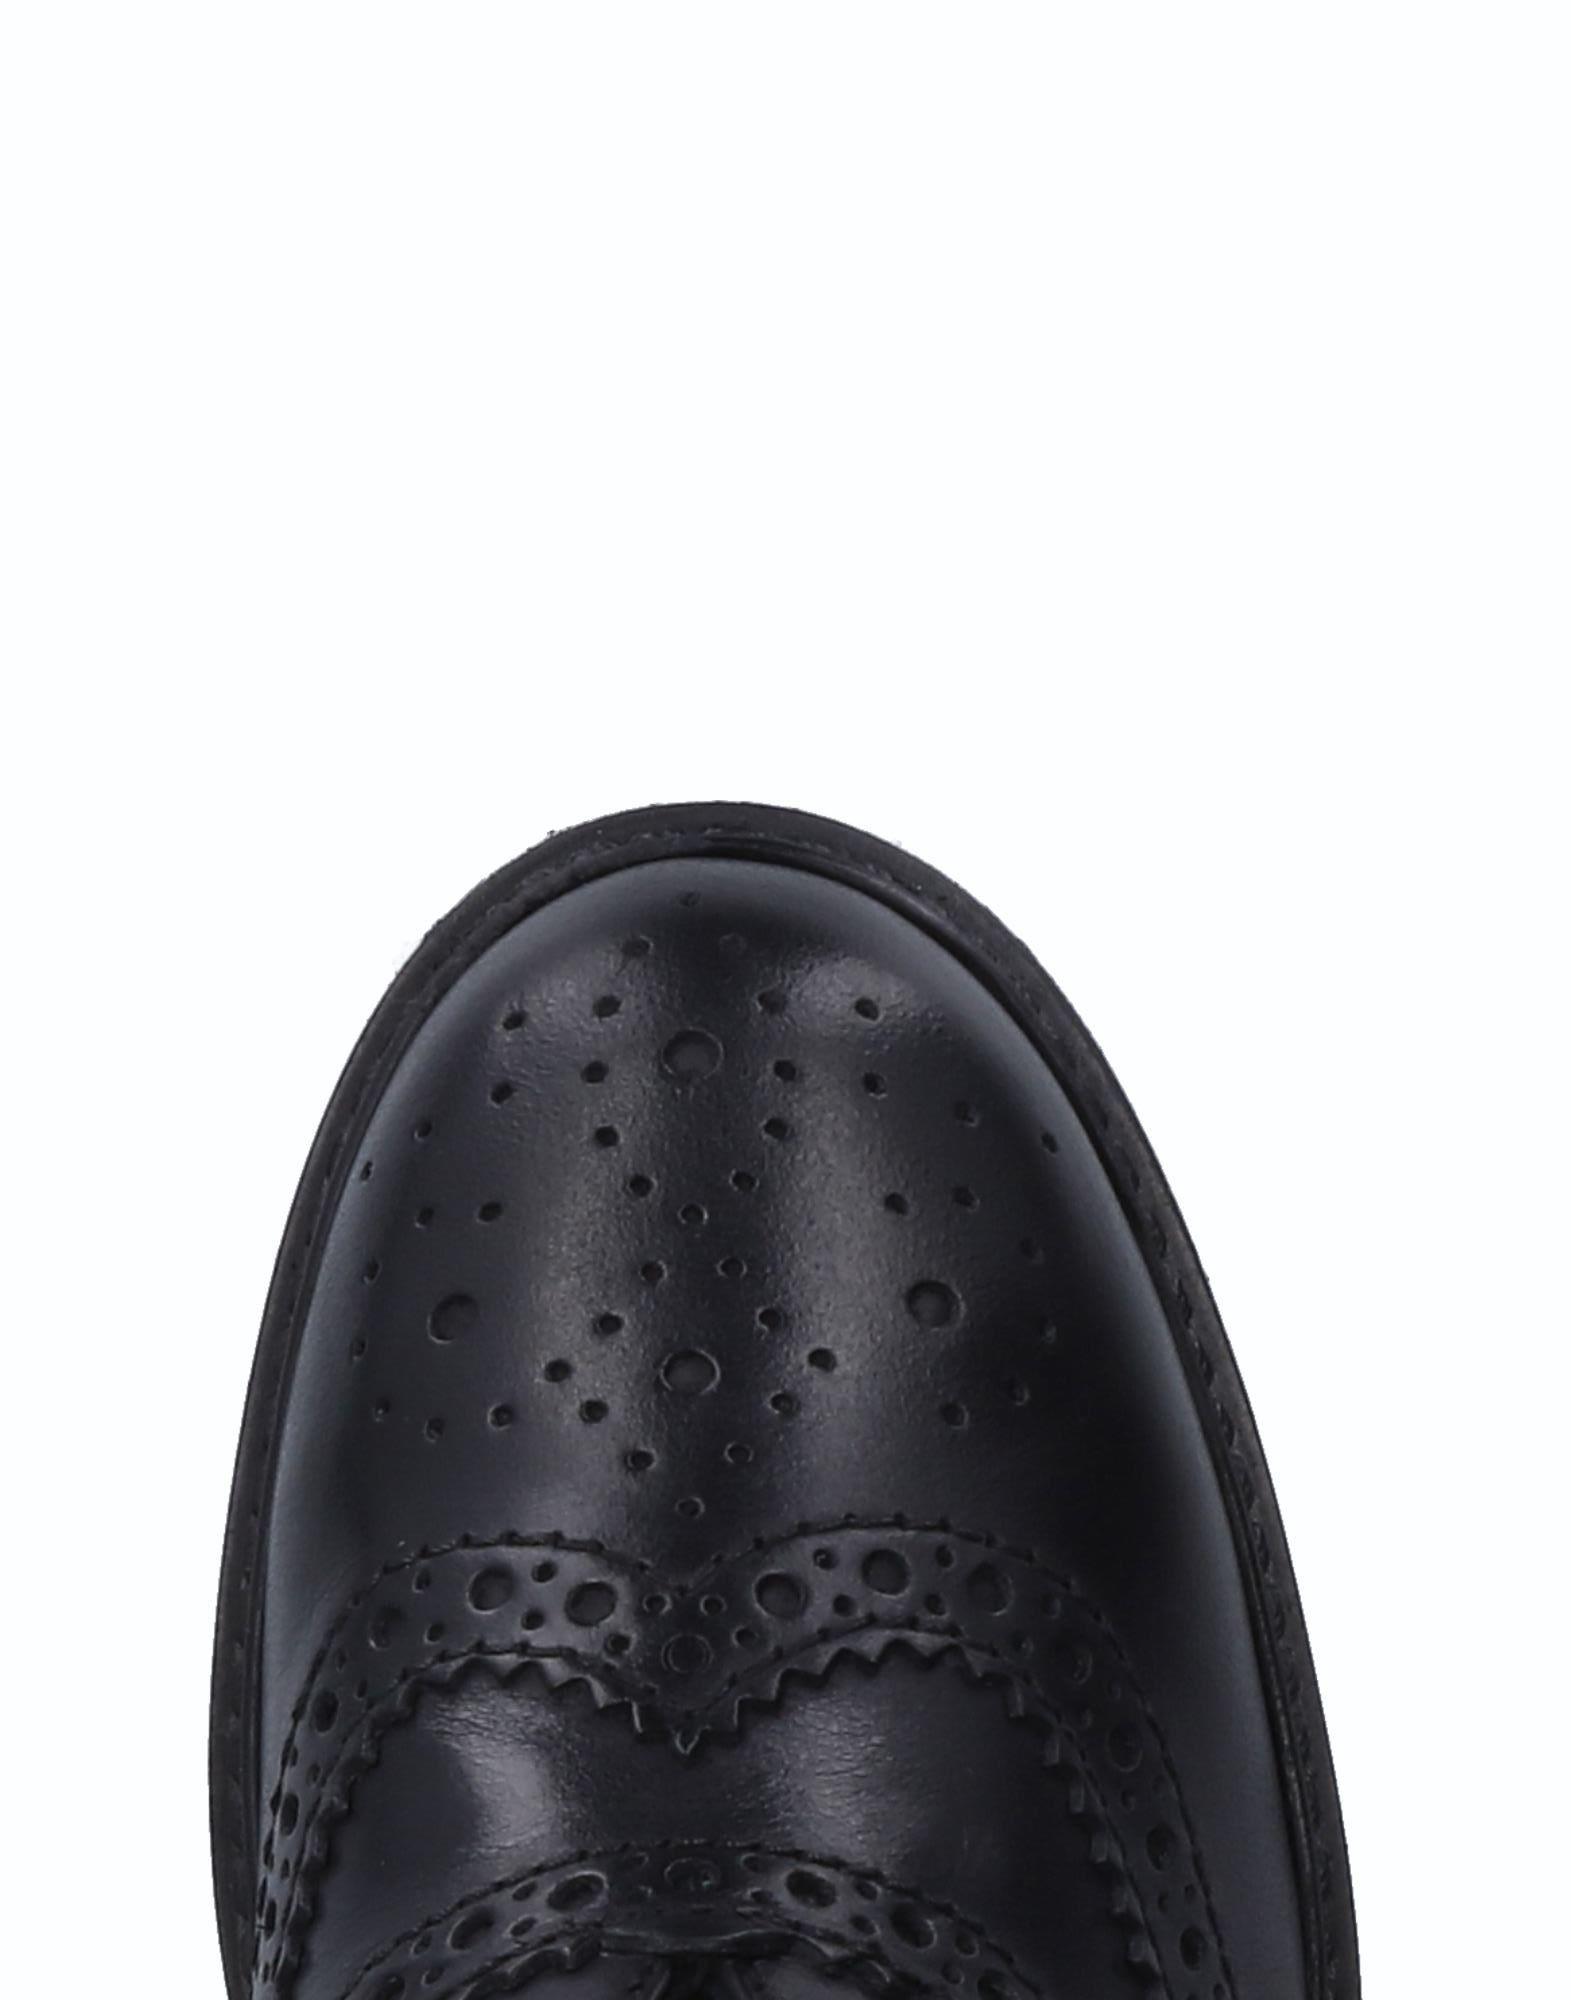 Donna 11512667KC Più Mokassins Damen  11512667KC Donna Gute Qualität beliebte Schuhe aae9b2